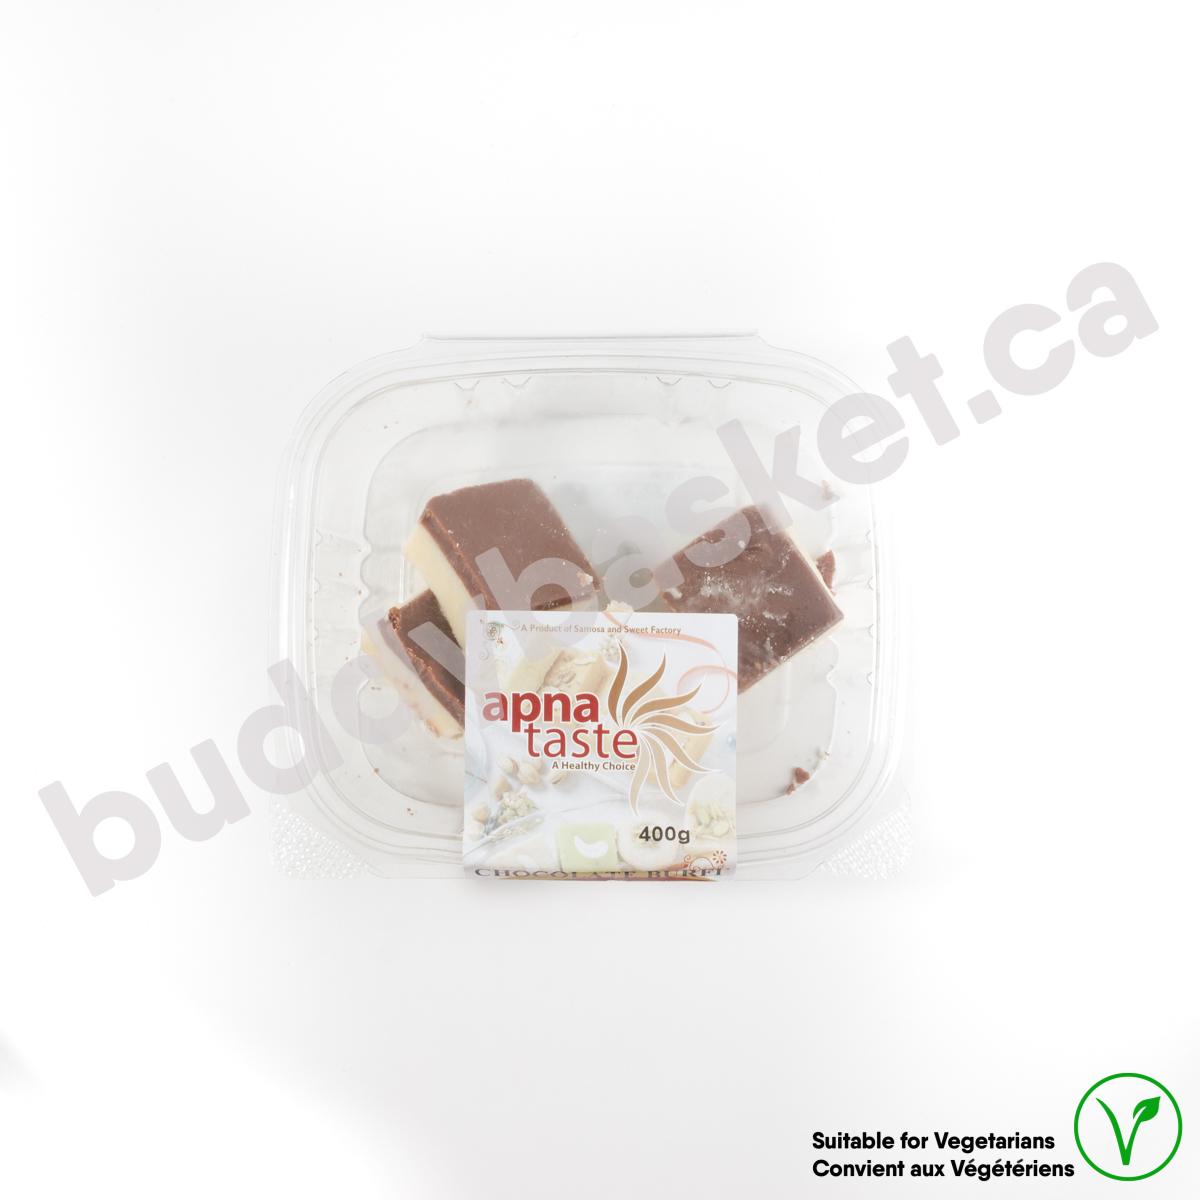 Apna Taste Chocolate Burfi 400g